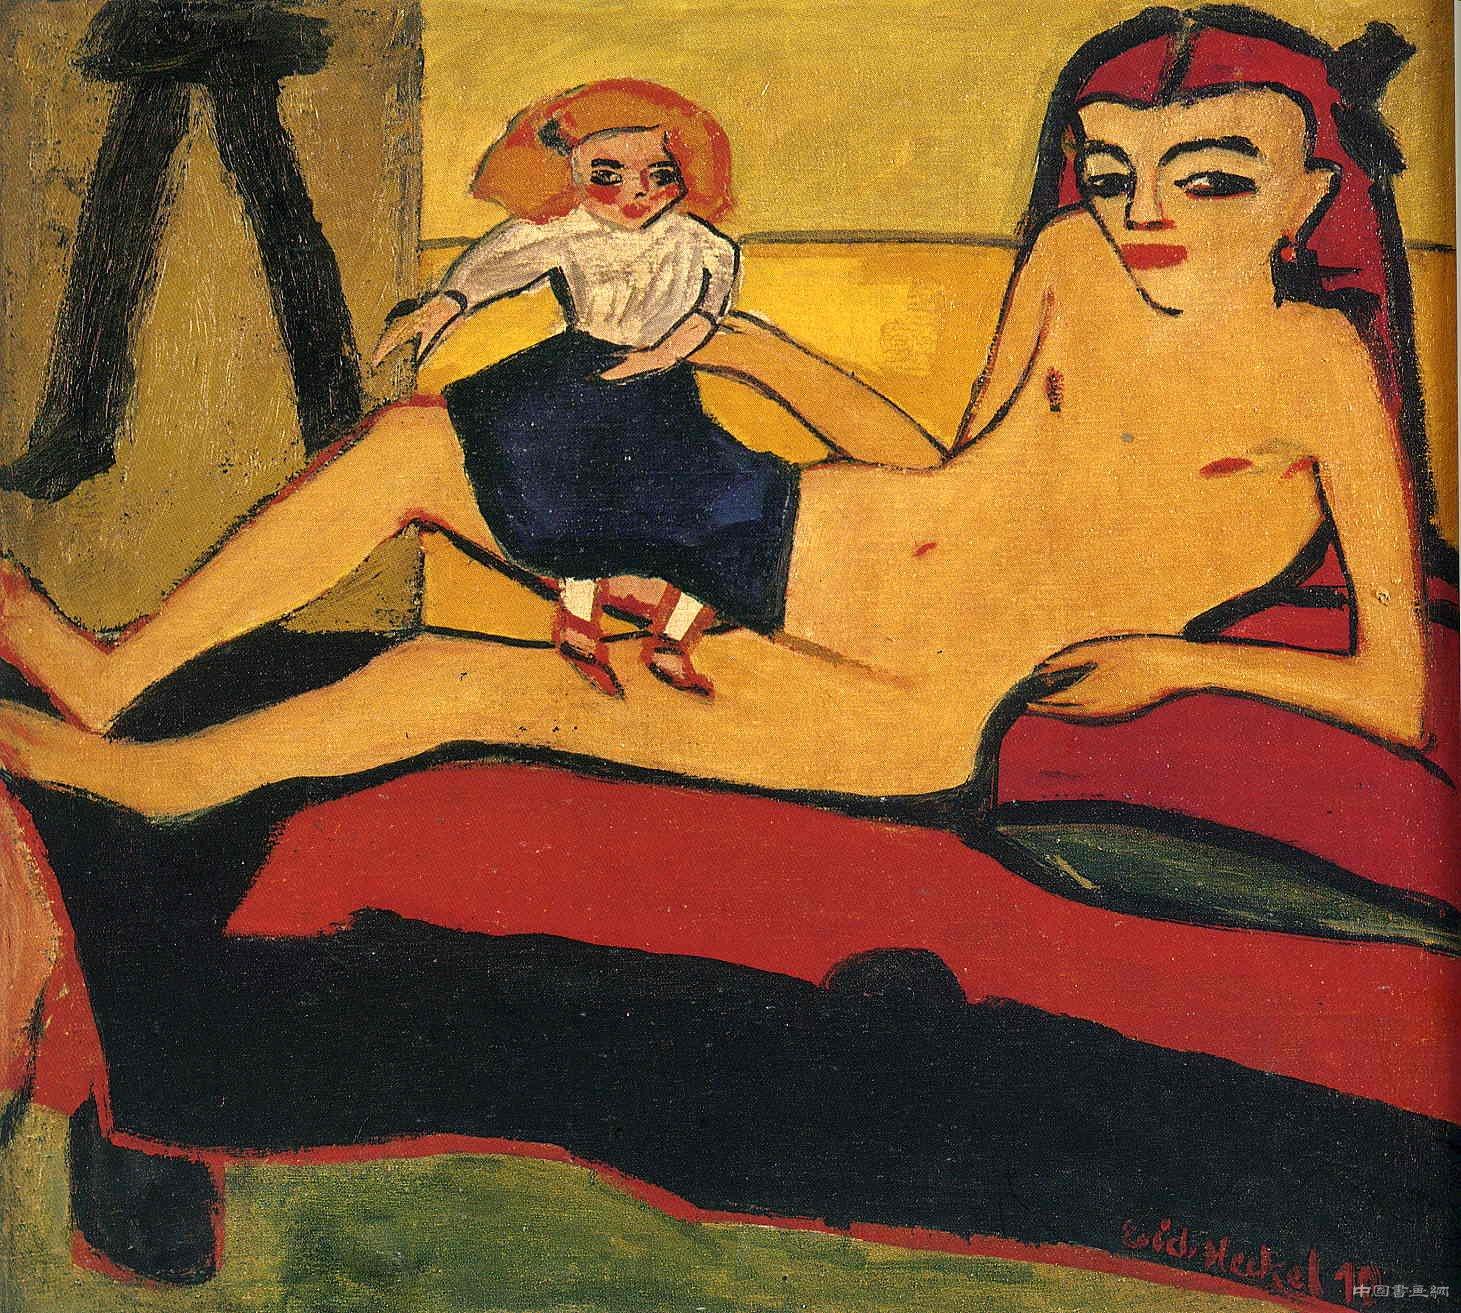 西方表现主义油画对中国表现主义油画的影响